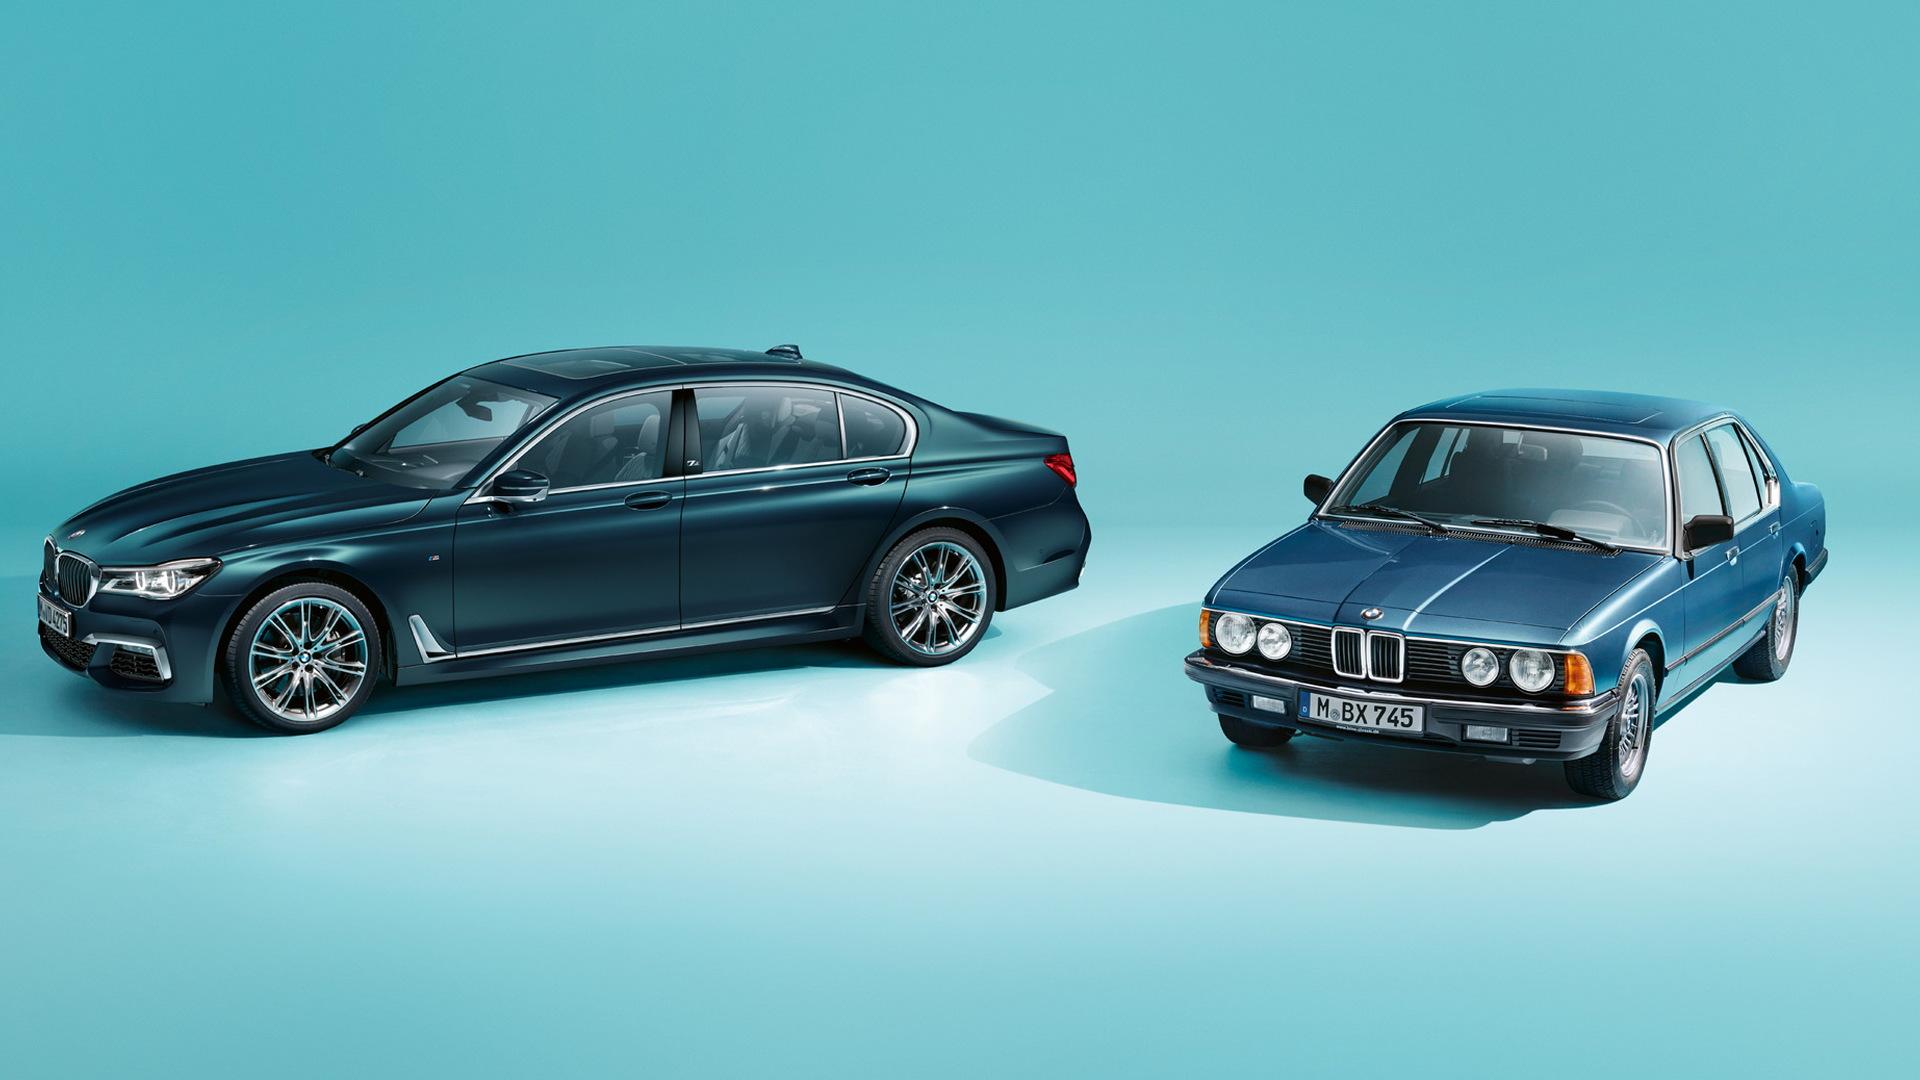 2017 BMW 7-Series Edition 40 Jahre